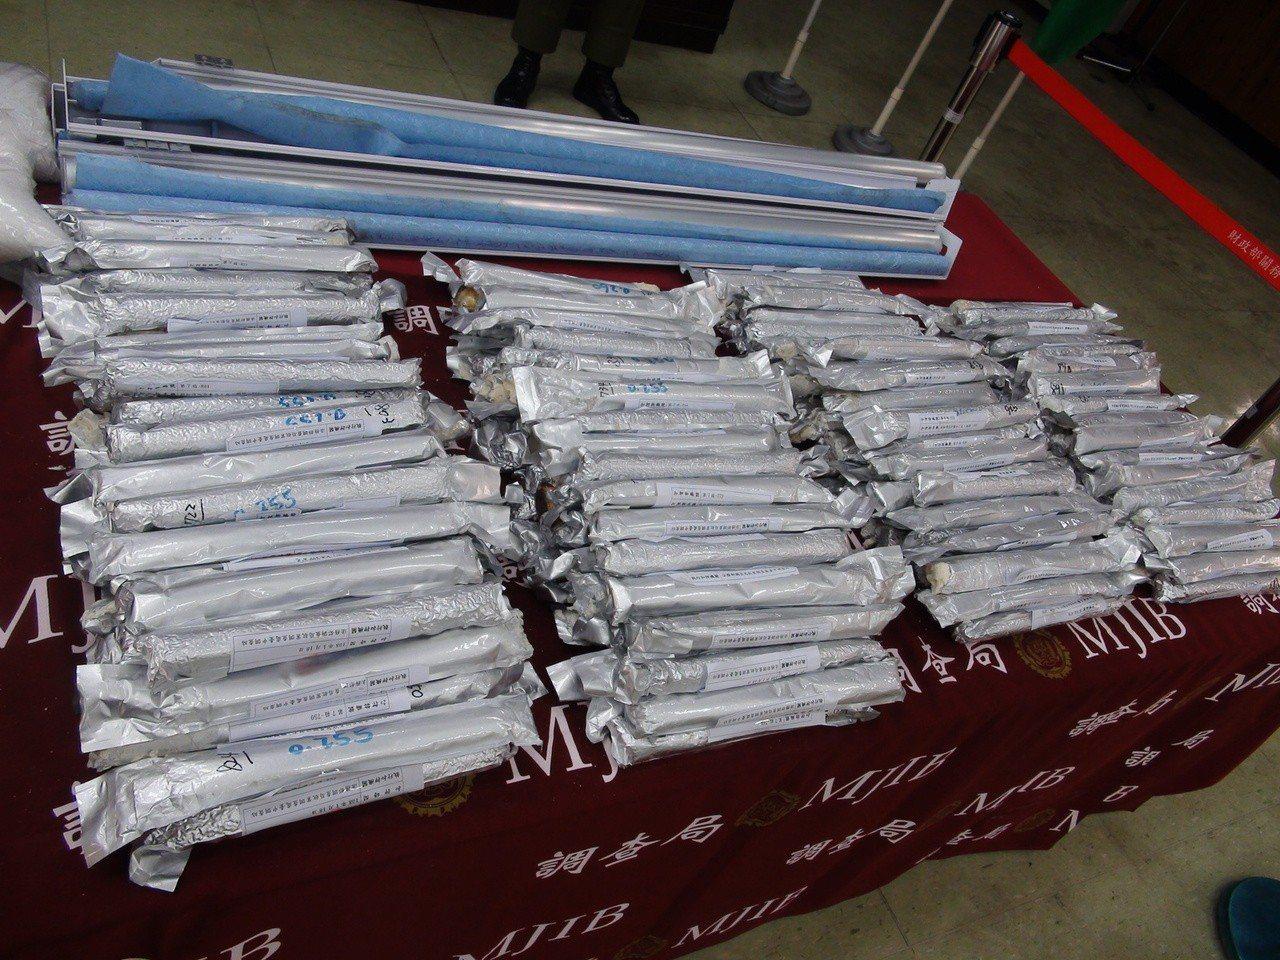 一批來自越南的K他命毒品夾藏於窗簾鋁桿內,經清查共重305.2公斤,市價高達3億...